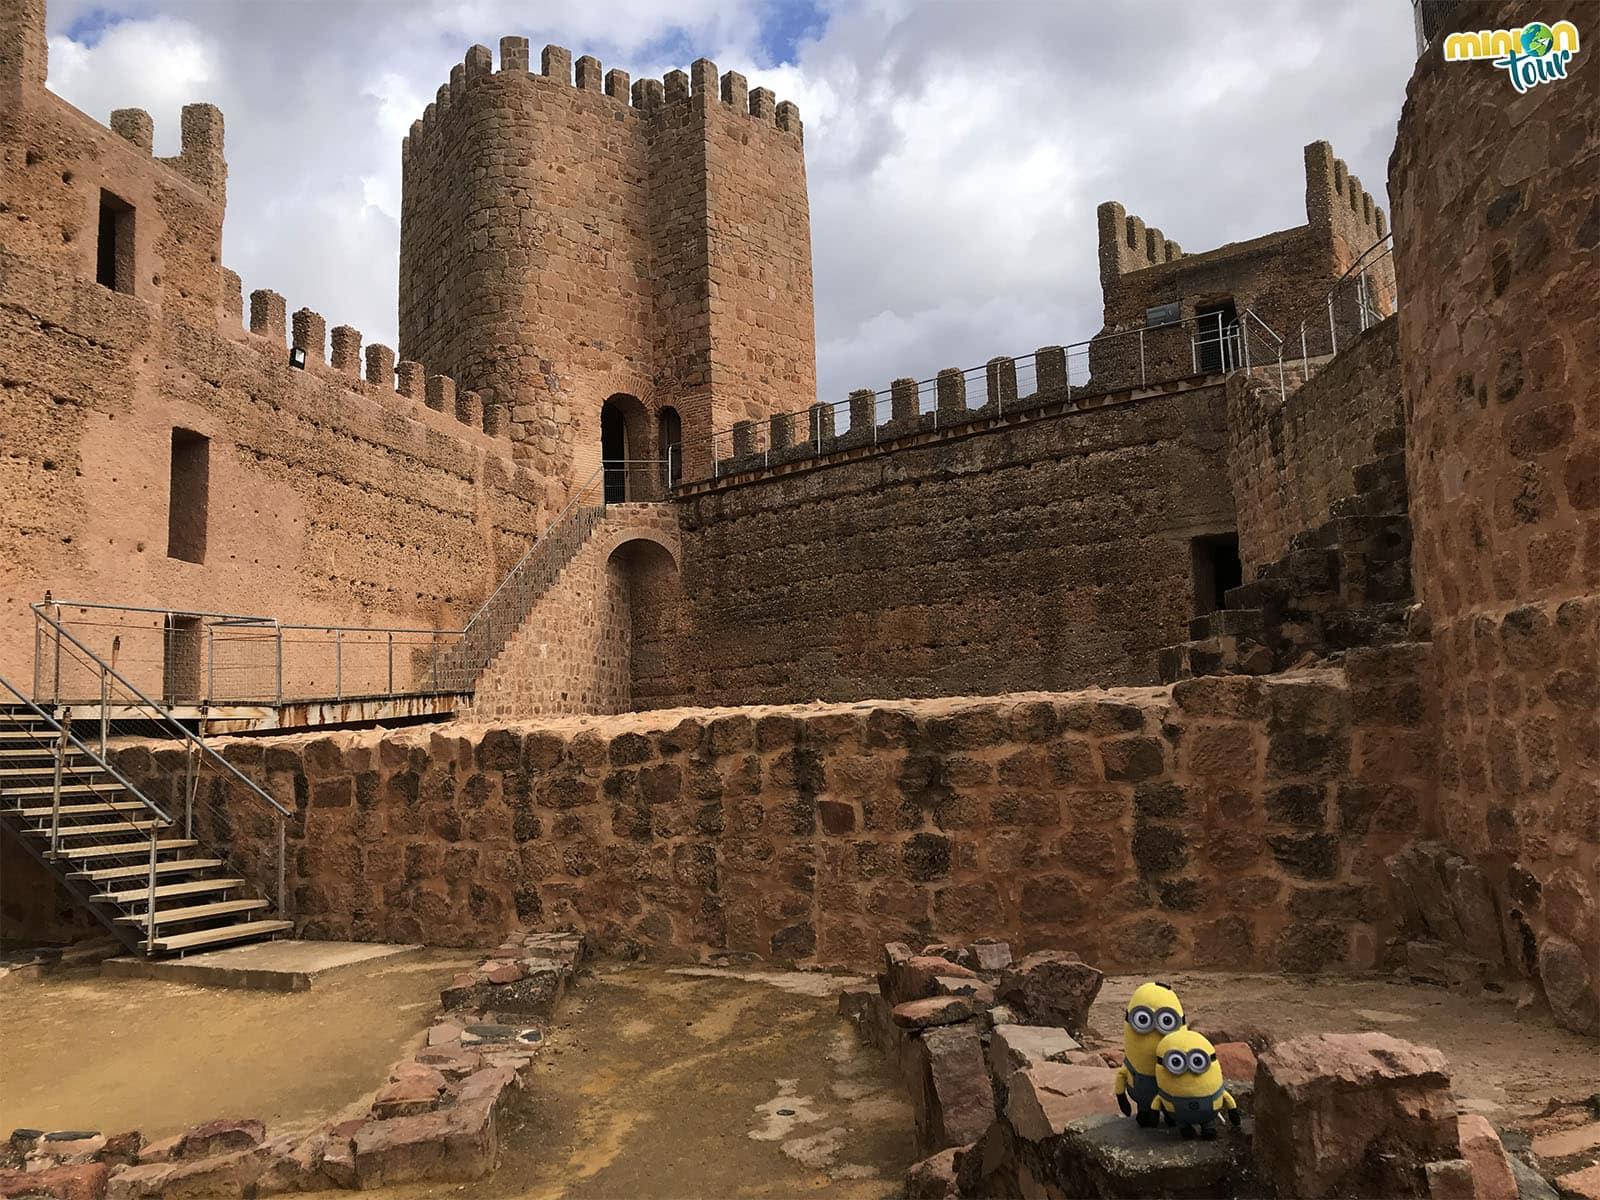 Otra vista del castillo